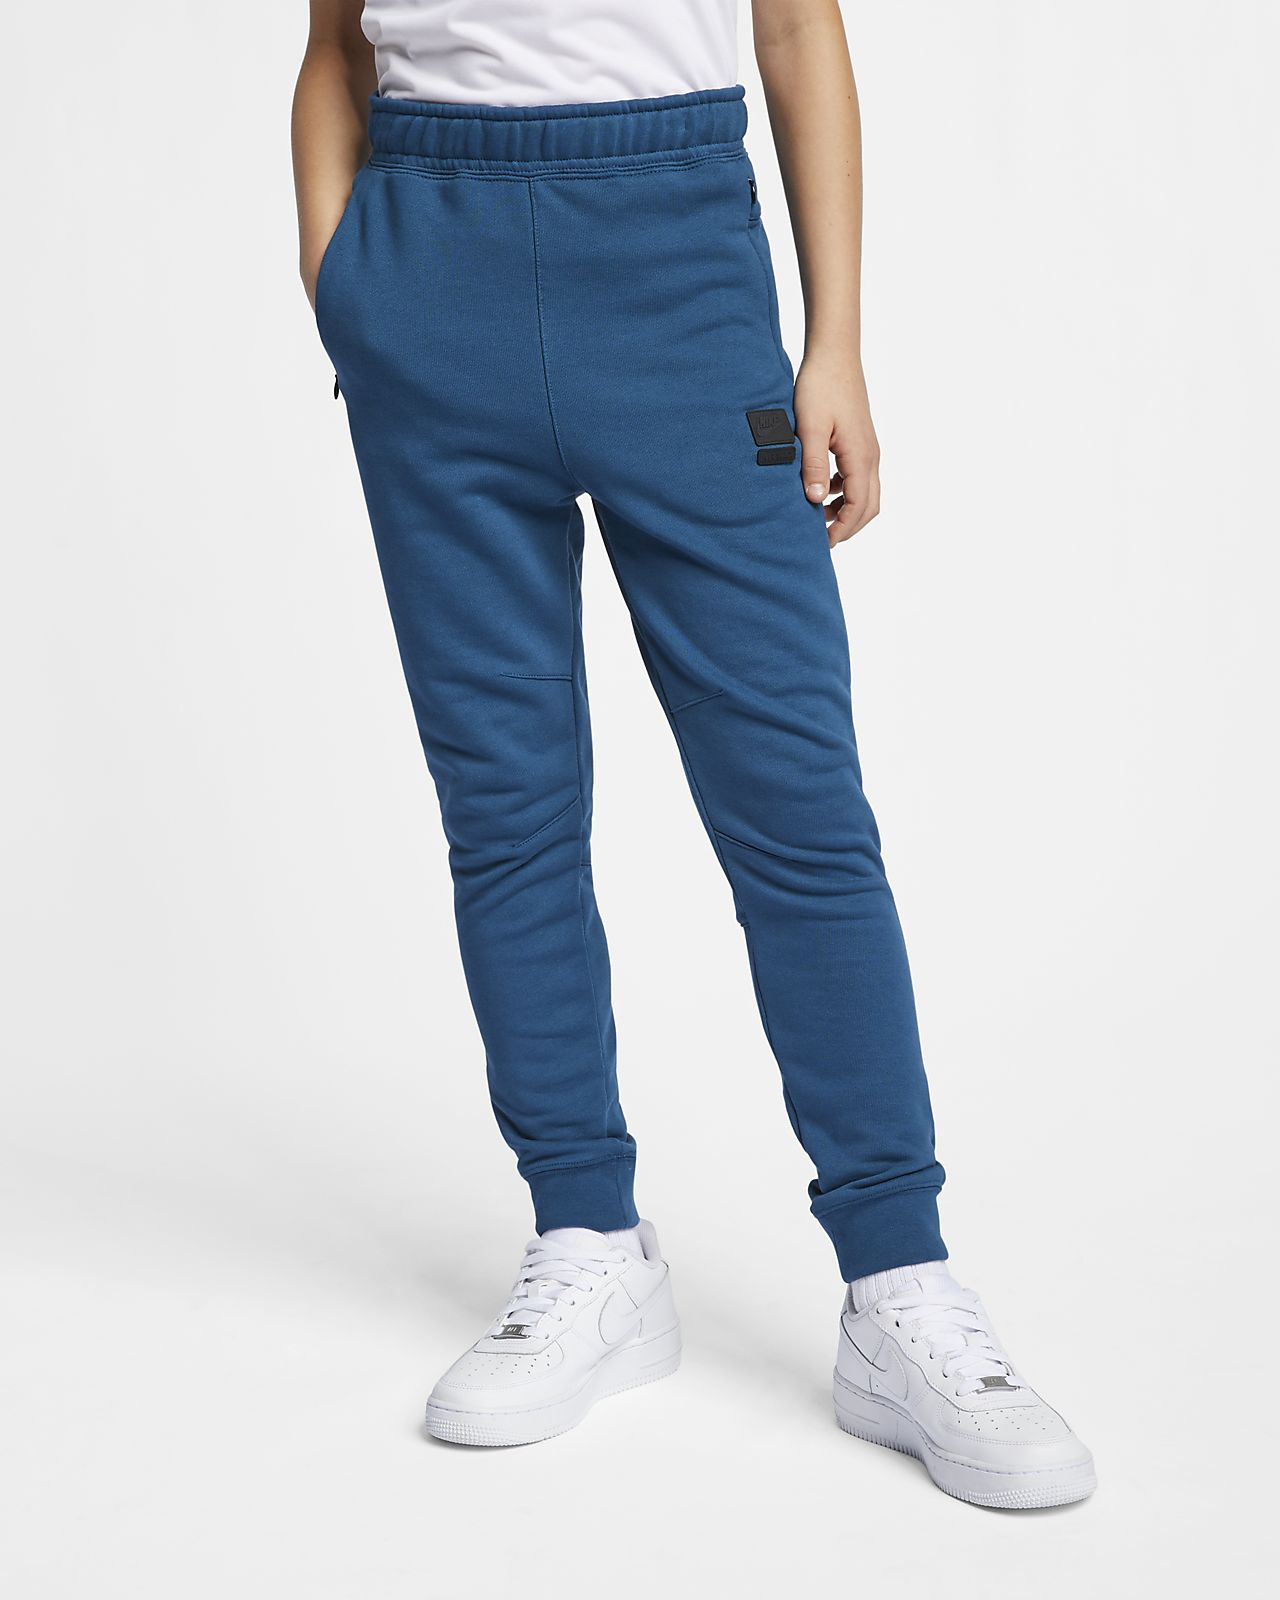 Παντελόνι Nike Sportswear για μεγάλα αγόρια